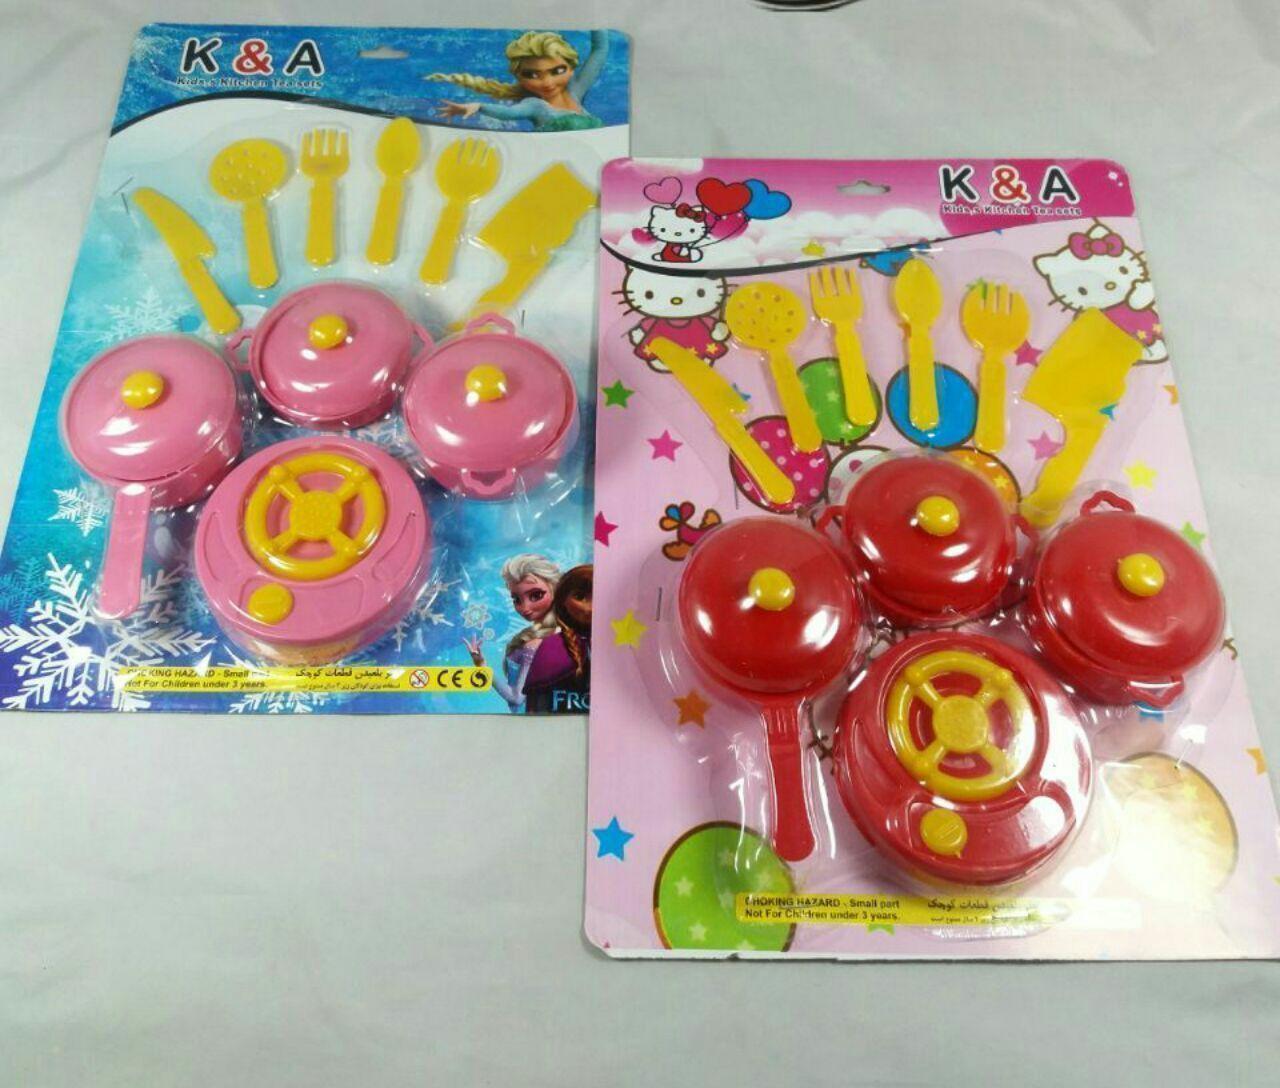 پخش اسباب بازی کارخانه کارواندیشه -- اسباب بازی عمده --- پخش اسباب بازی کارخانه کارواندیشه -- اسباب بازی عمده --- پخش پلاستیک و اسباب بازی -- پخش عمده از کارخانه اسباب بازی